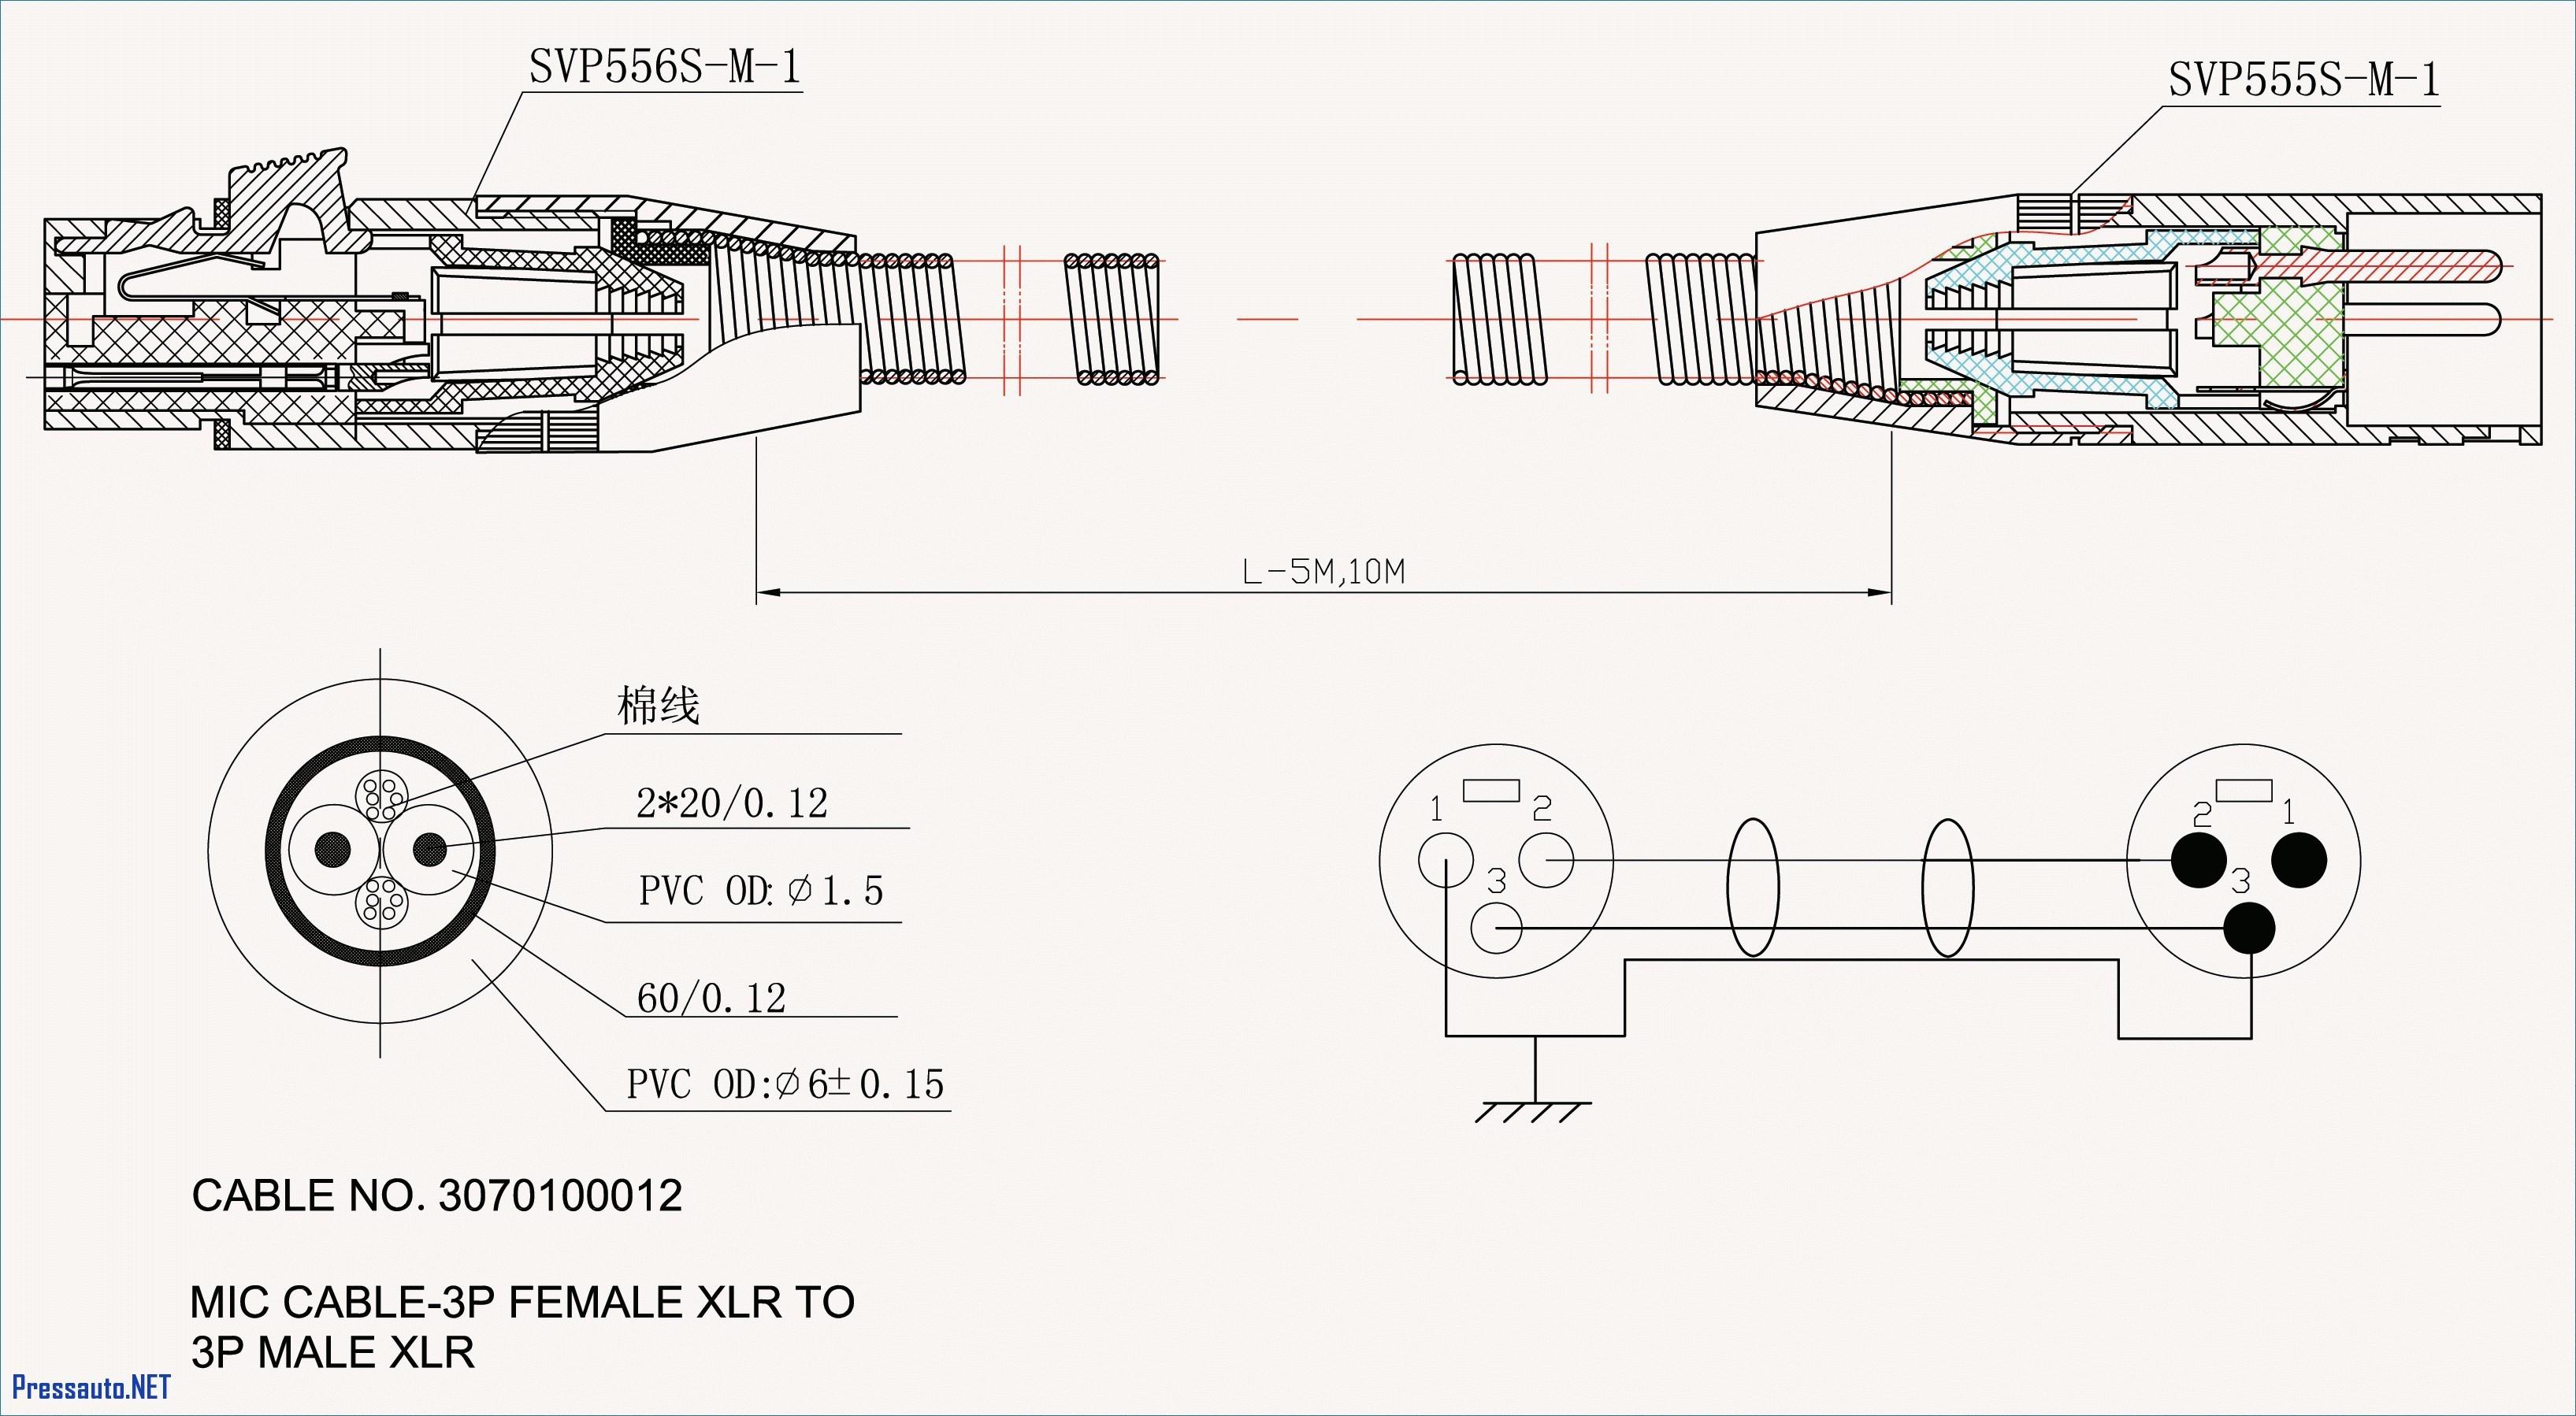 Wiring Diagram 3 Wire Alternator Valid Vw Wiring Diagram Alternator Best 2  Wire Alternator Wiring Diagram